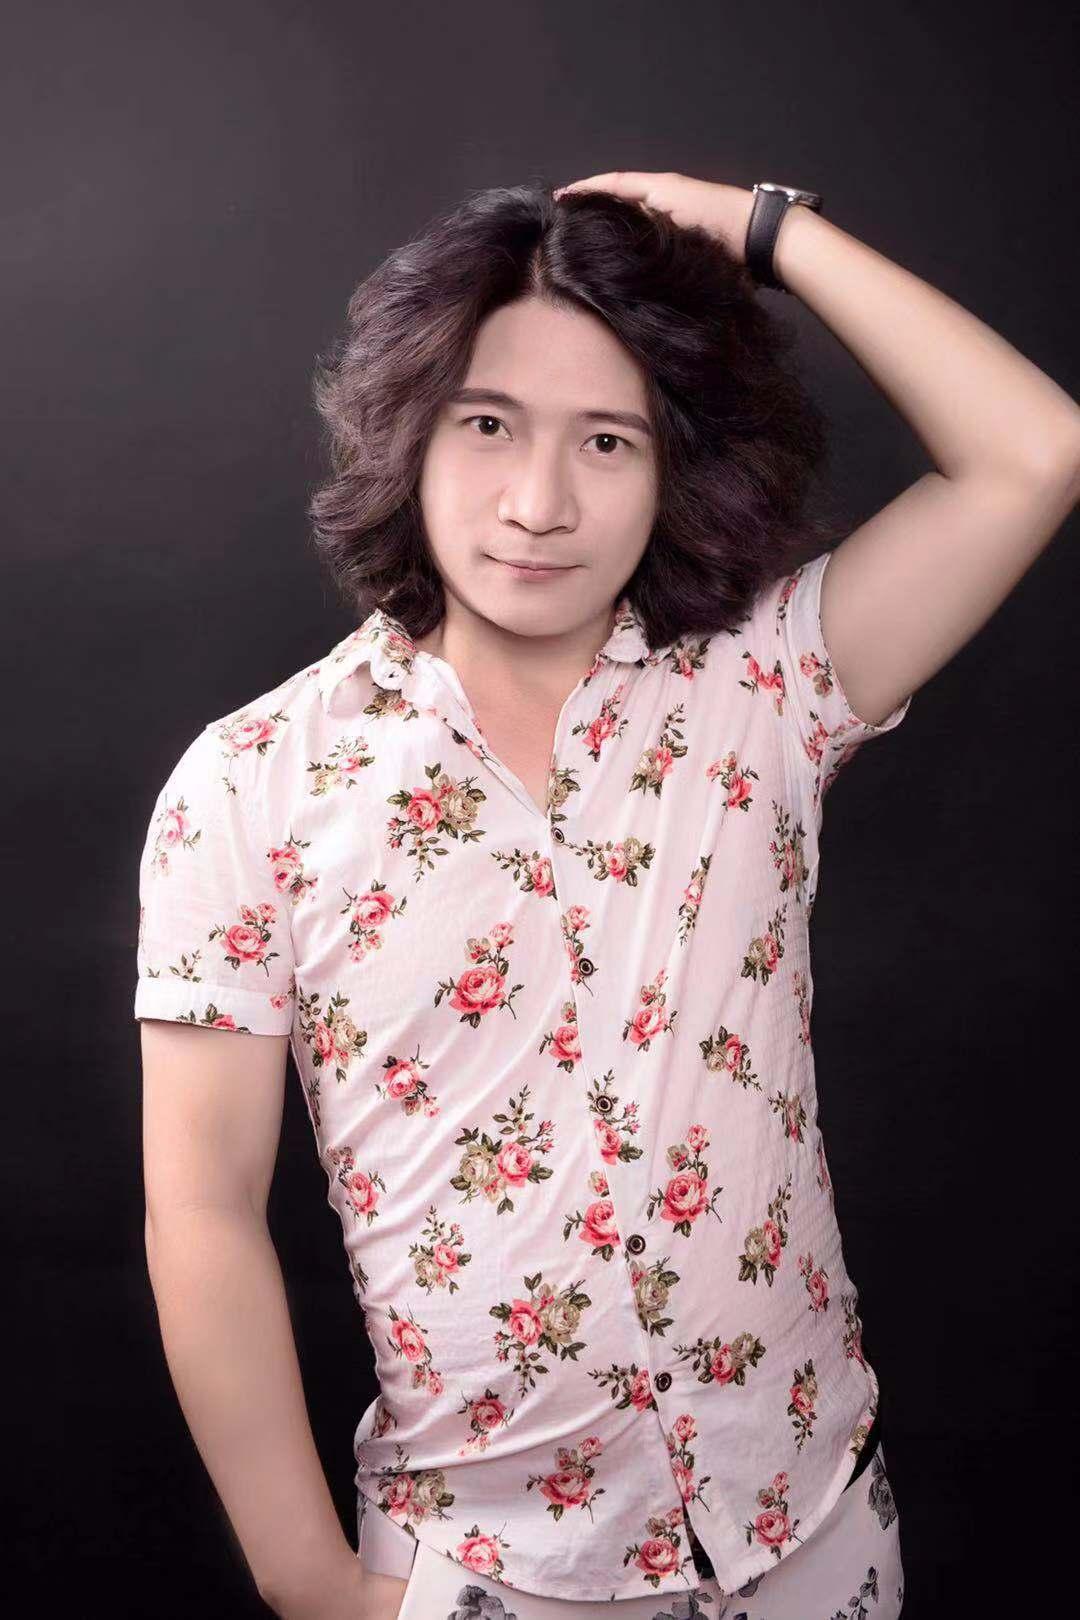 导演、歌手肖昂发表最新单曲《谁会在乎我》